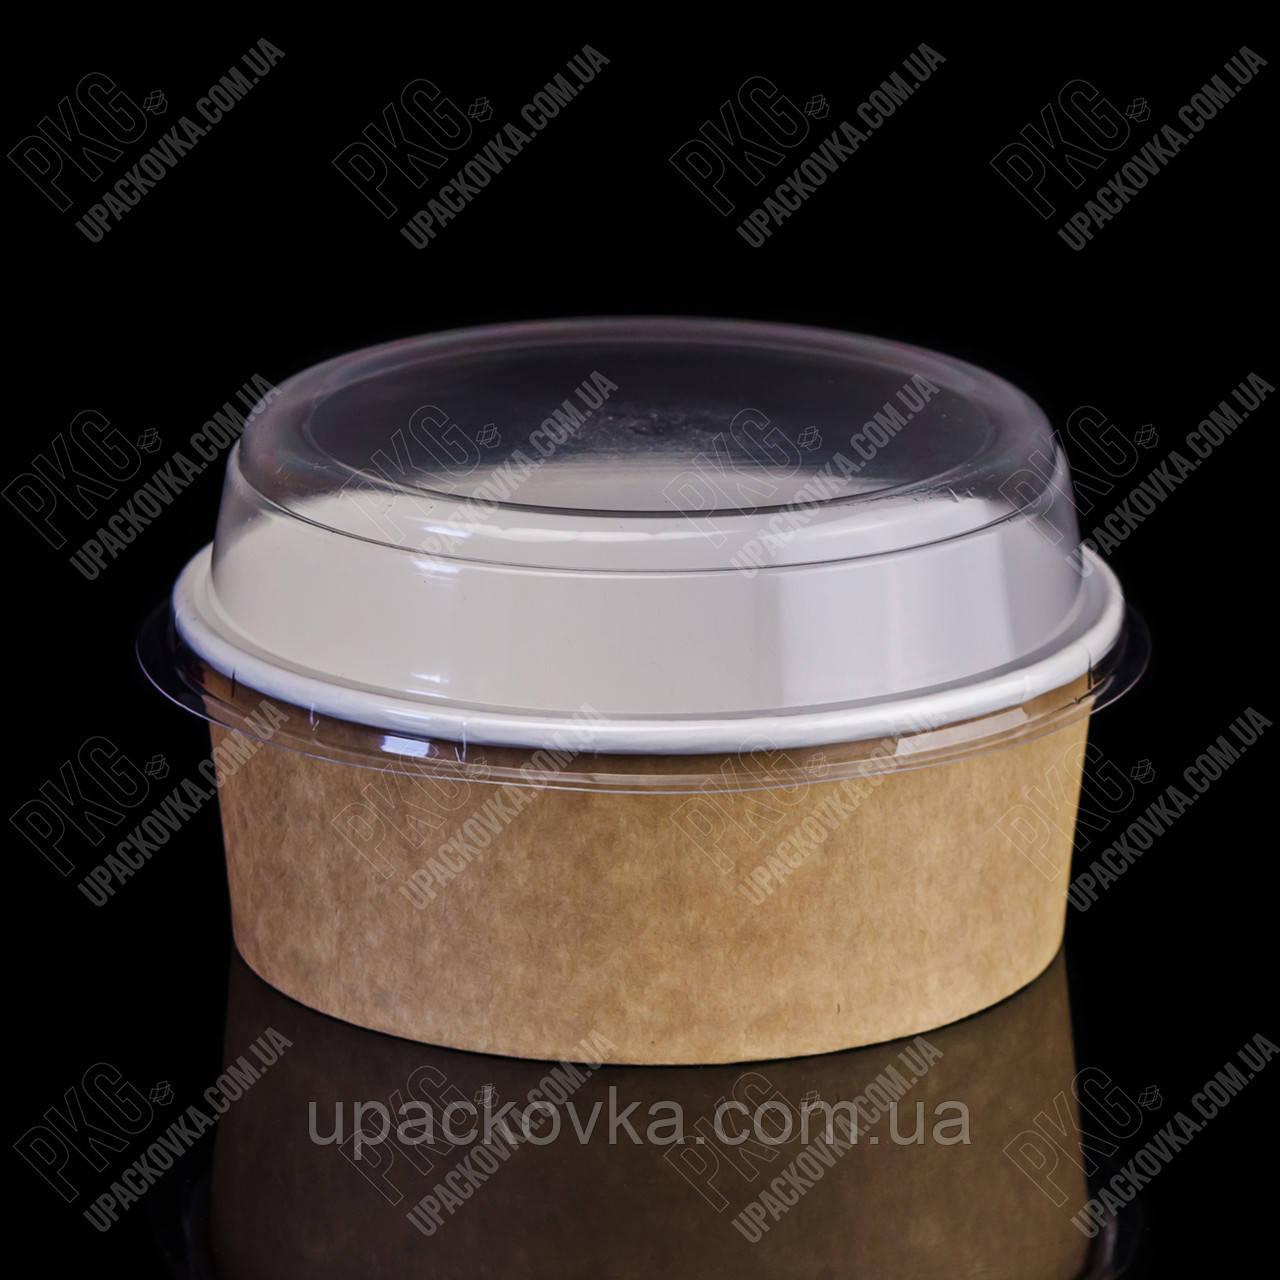 Упаковка для салата из бумаги КРАФТ 750 мл., d-150, h-56мм. 50шт/уп, 6уп/ящ.